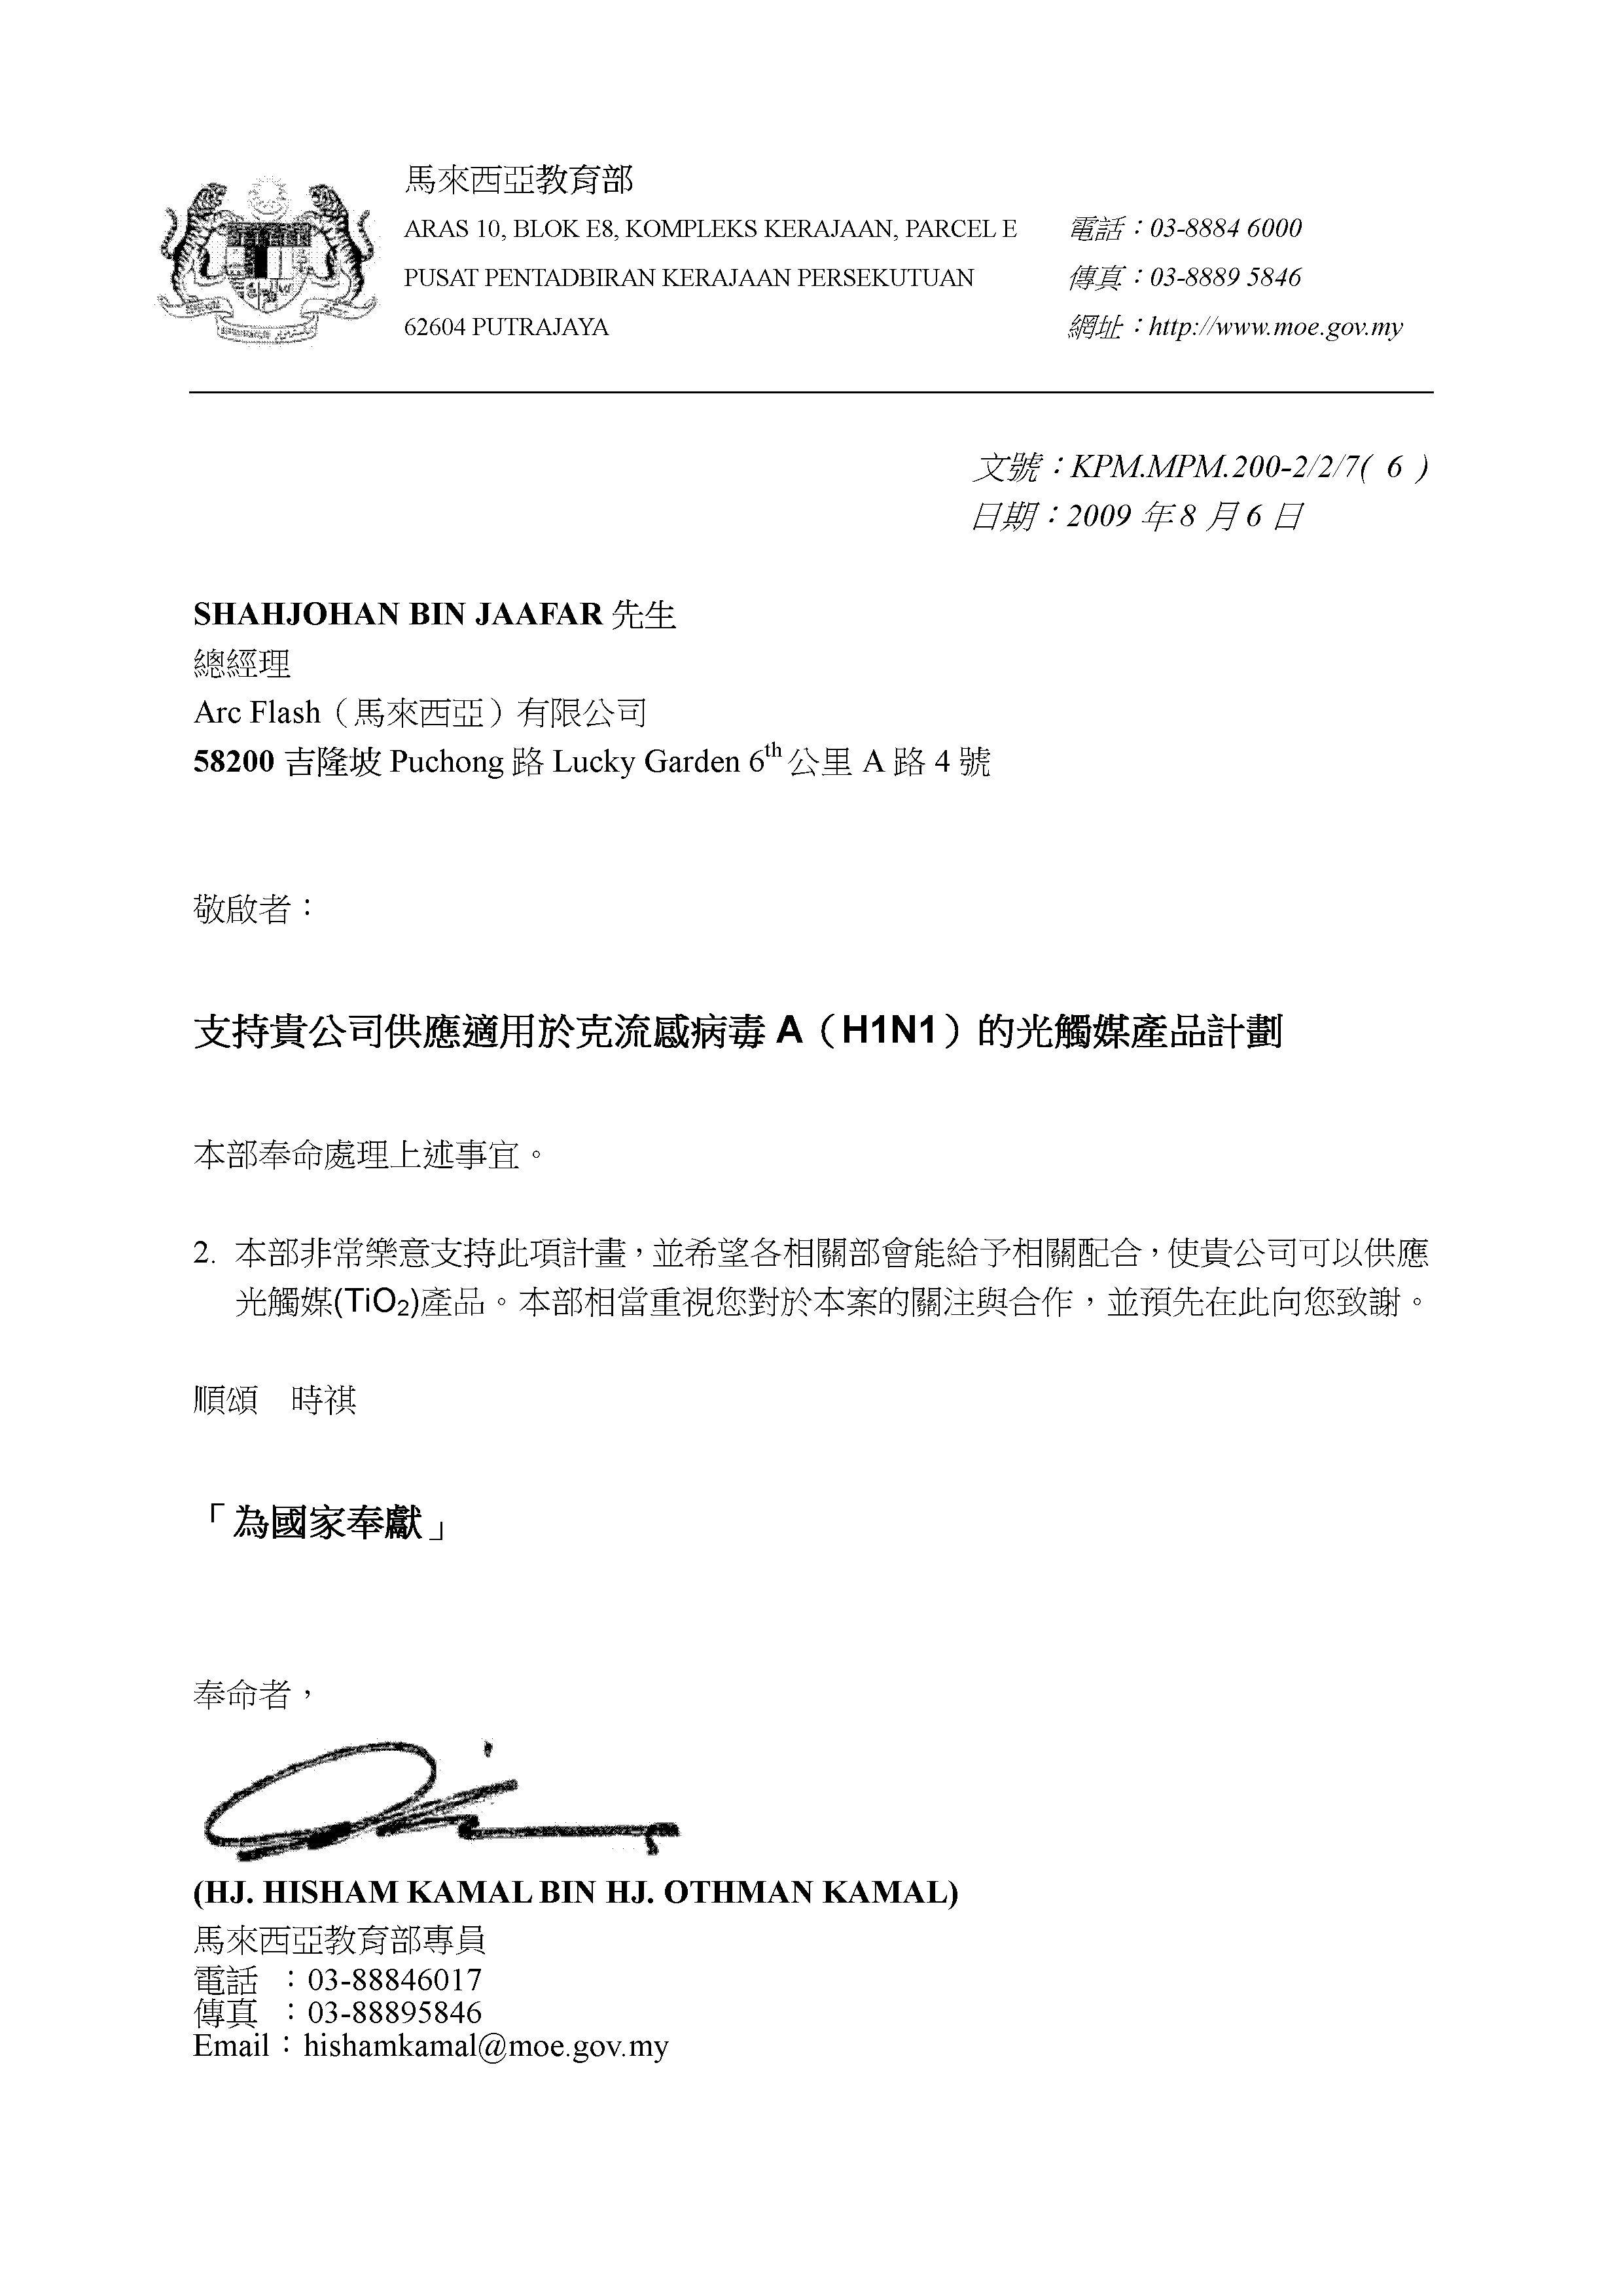 馬來西亞教育部公文譯本